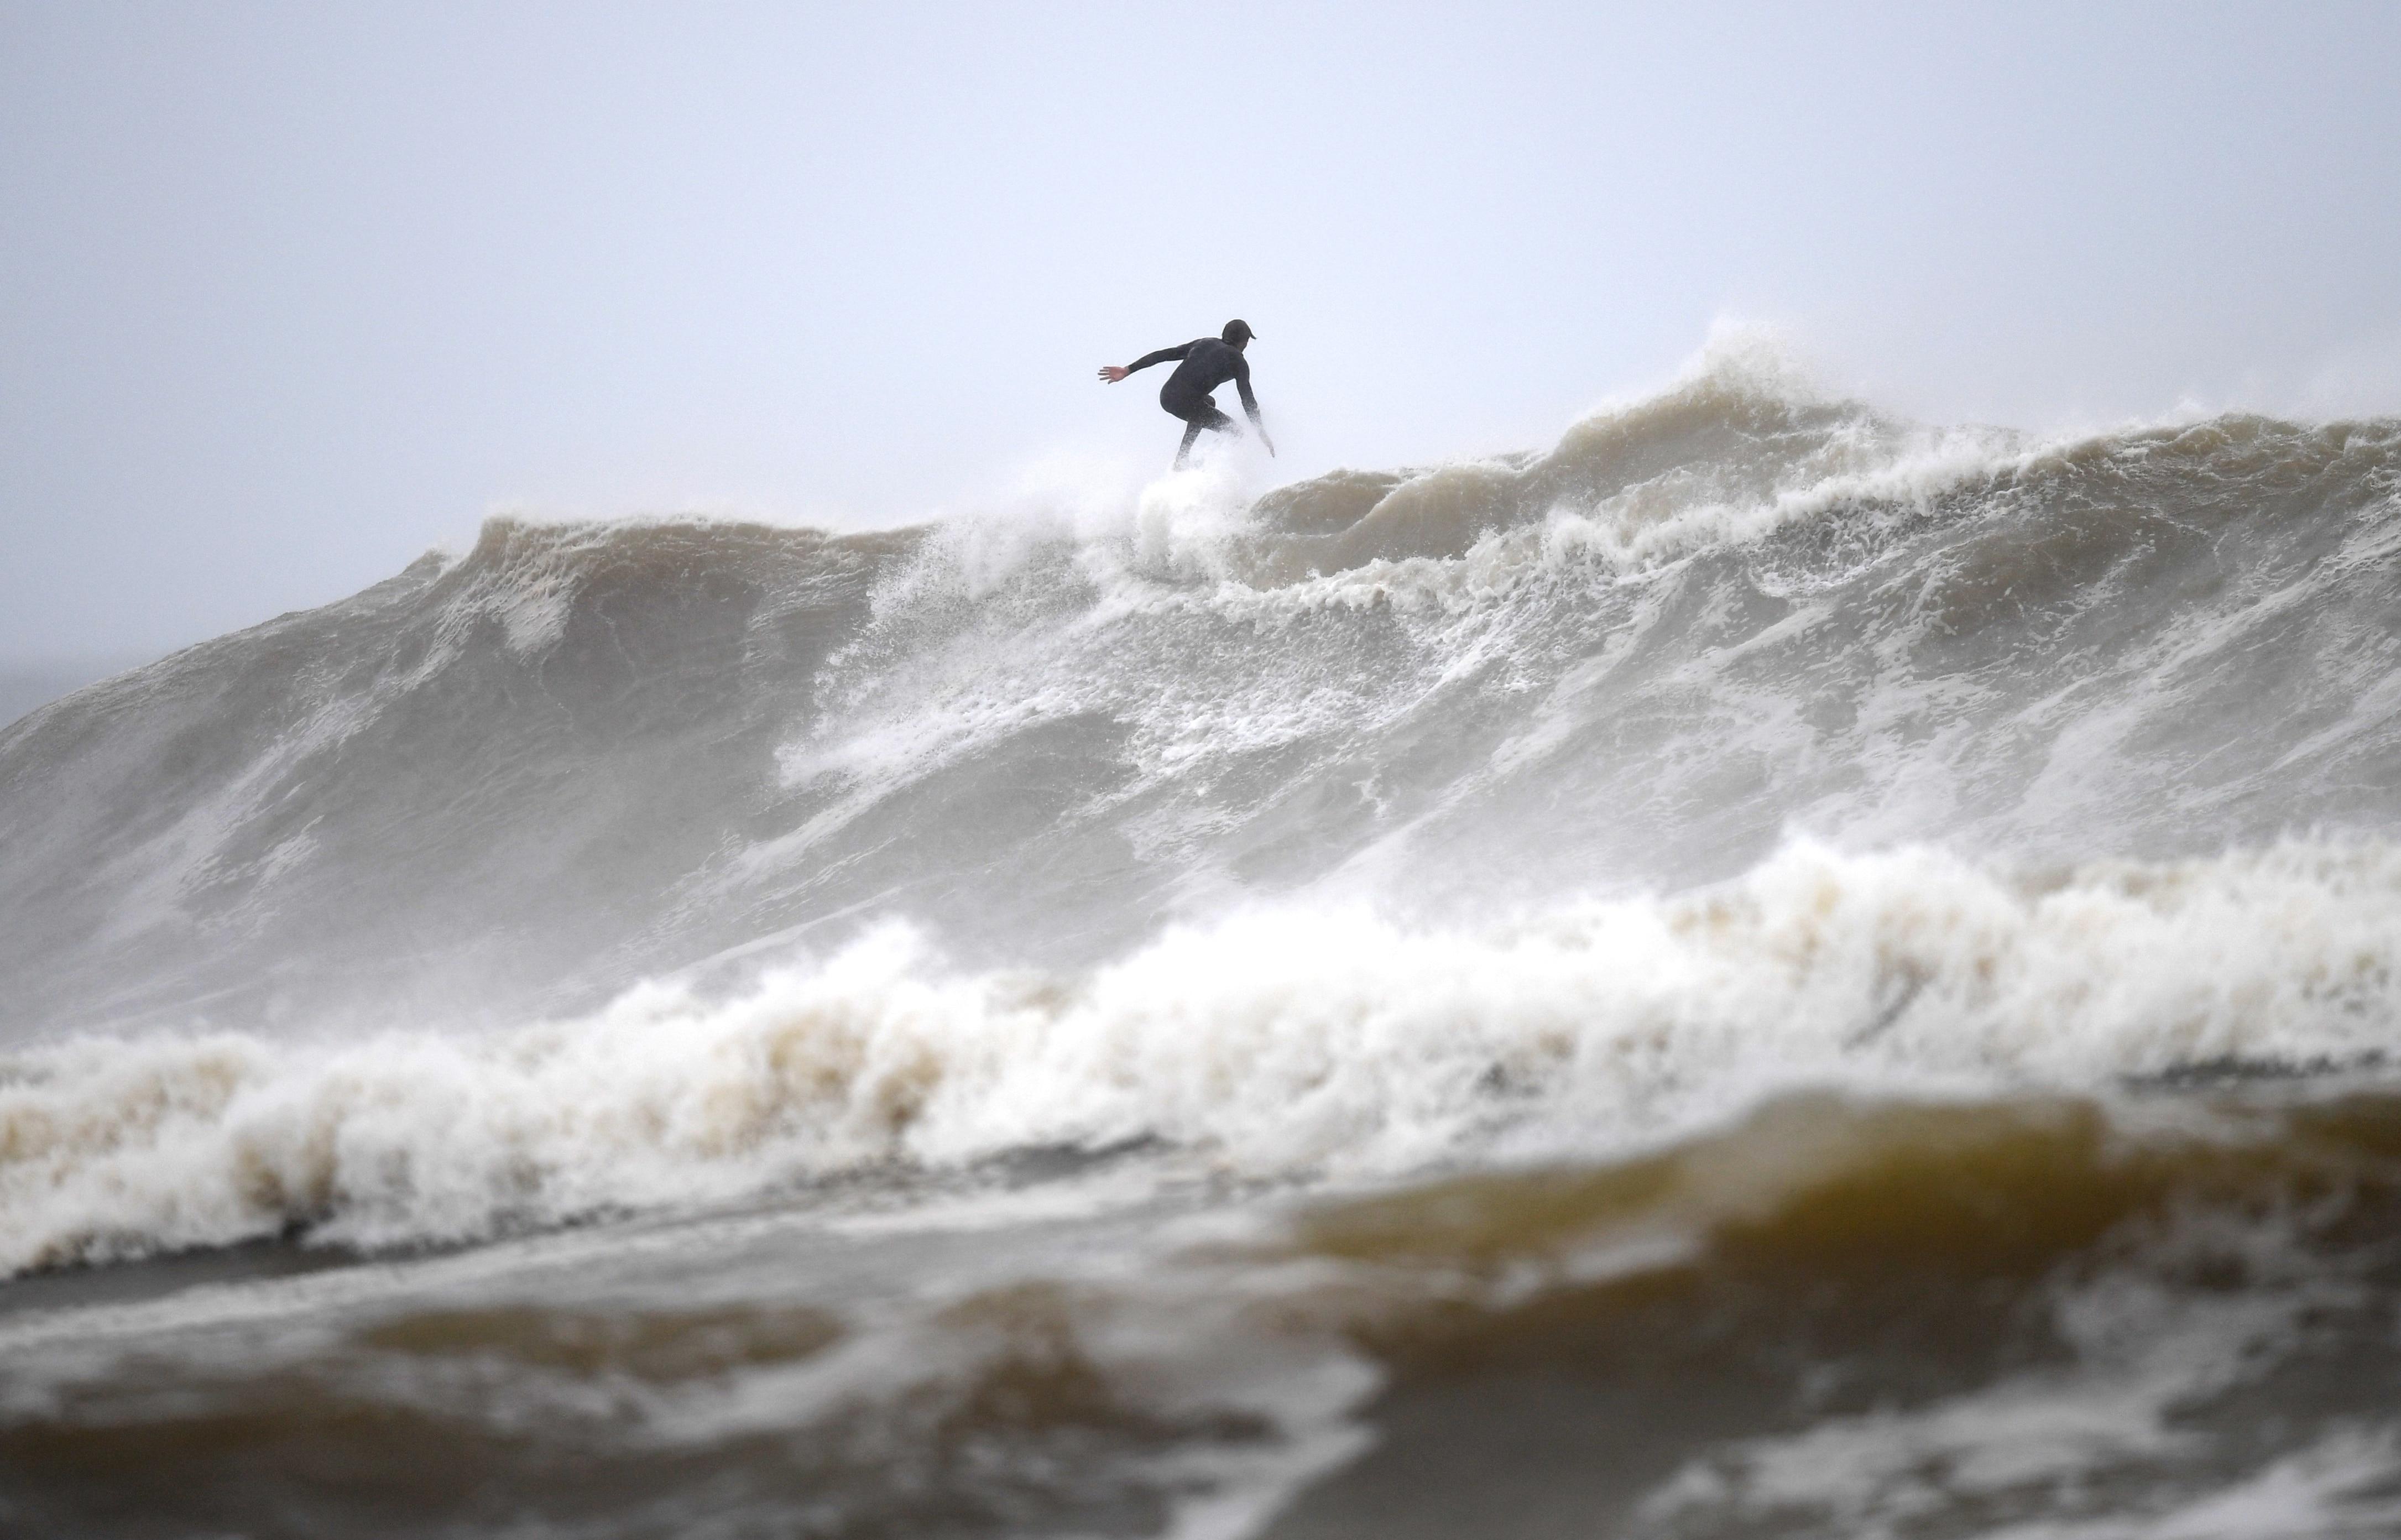 12月13日(日)、ゴールドコーストのスナッパーロックスの荒野の中でサーファーがビーチを襲います。